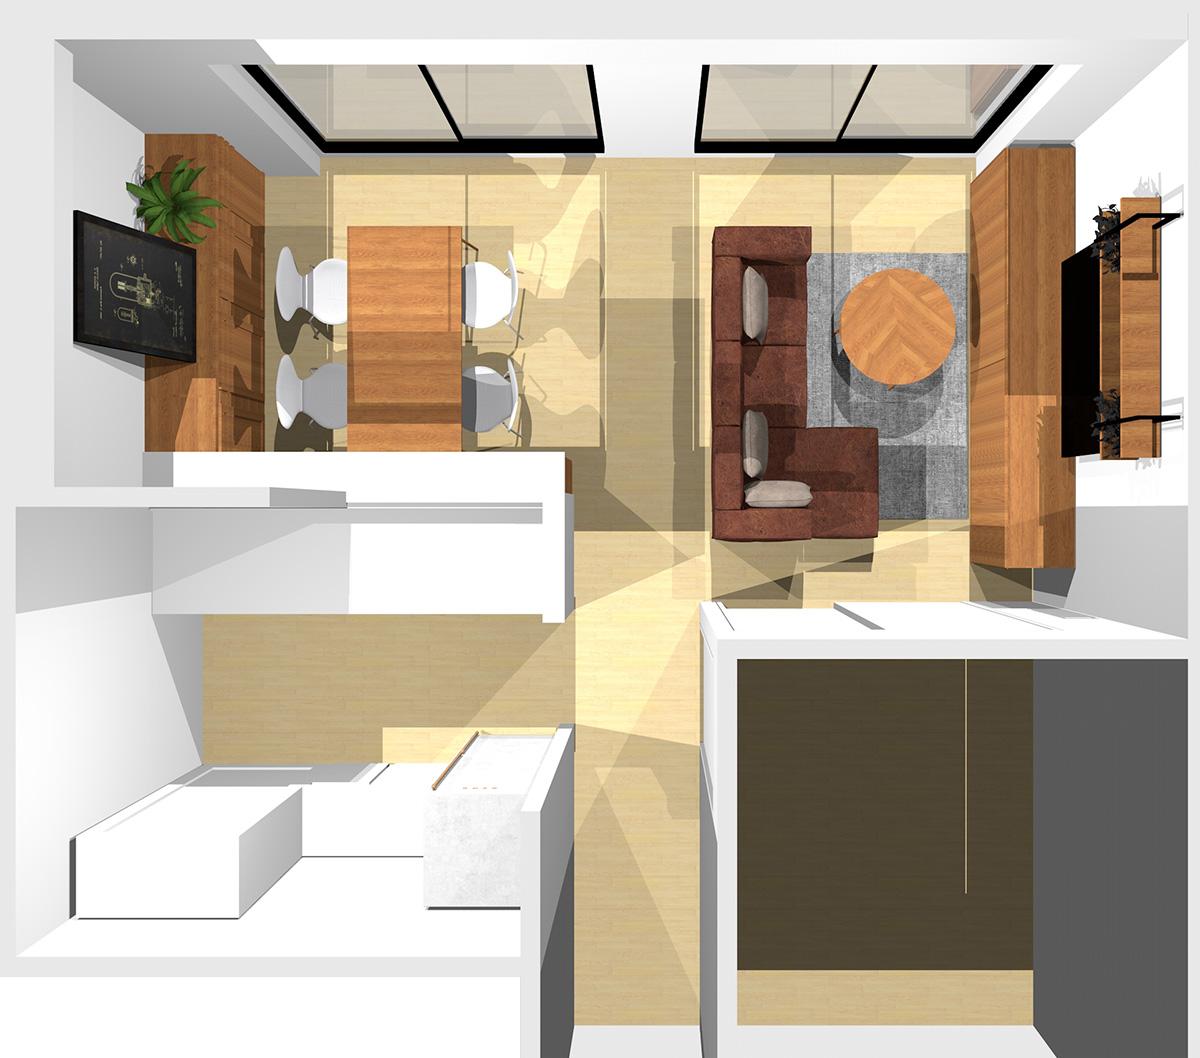 ①②③に家具、通路に寝椅子付きソファを置いた横長リビング